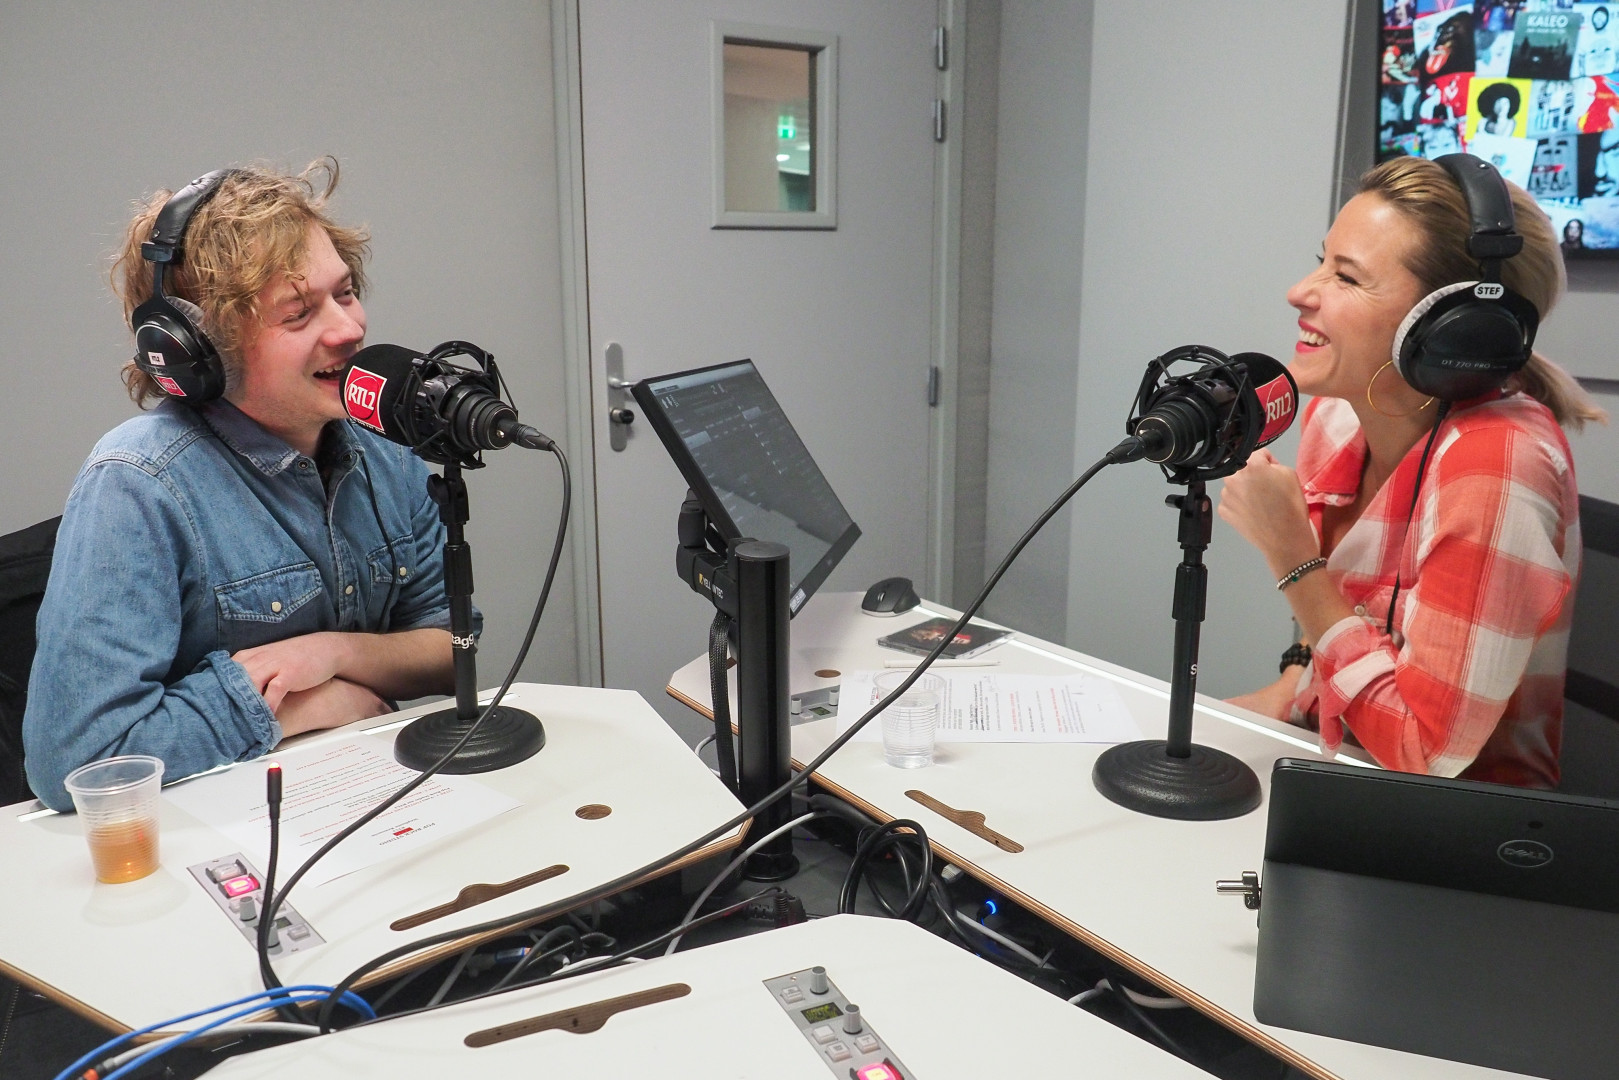 Malo' en compagnie de Stéphanie Renouvin dans les studios de RTL2